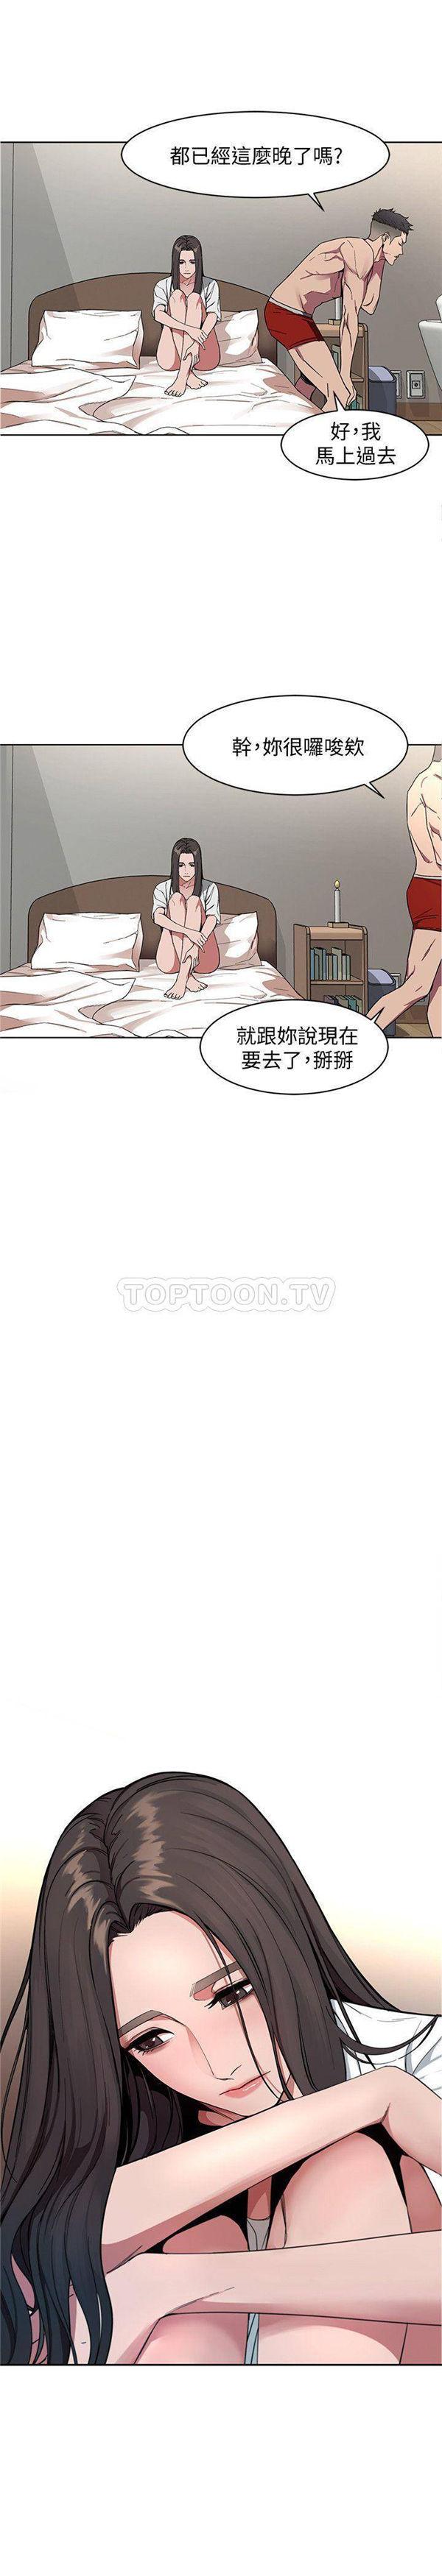 韩国漫画致命游戏免费阅读